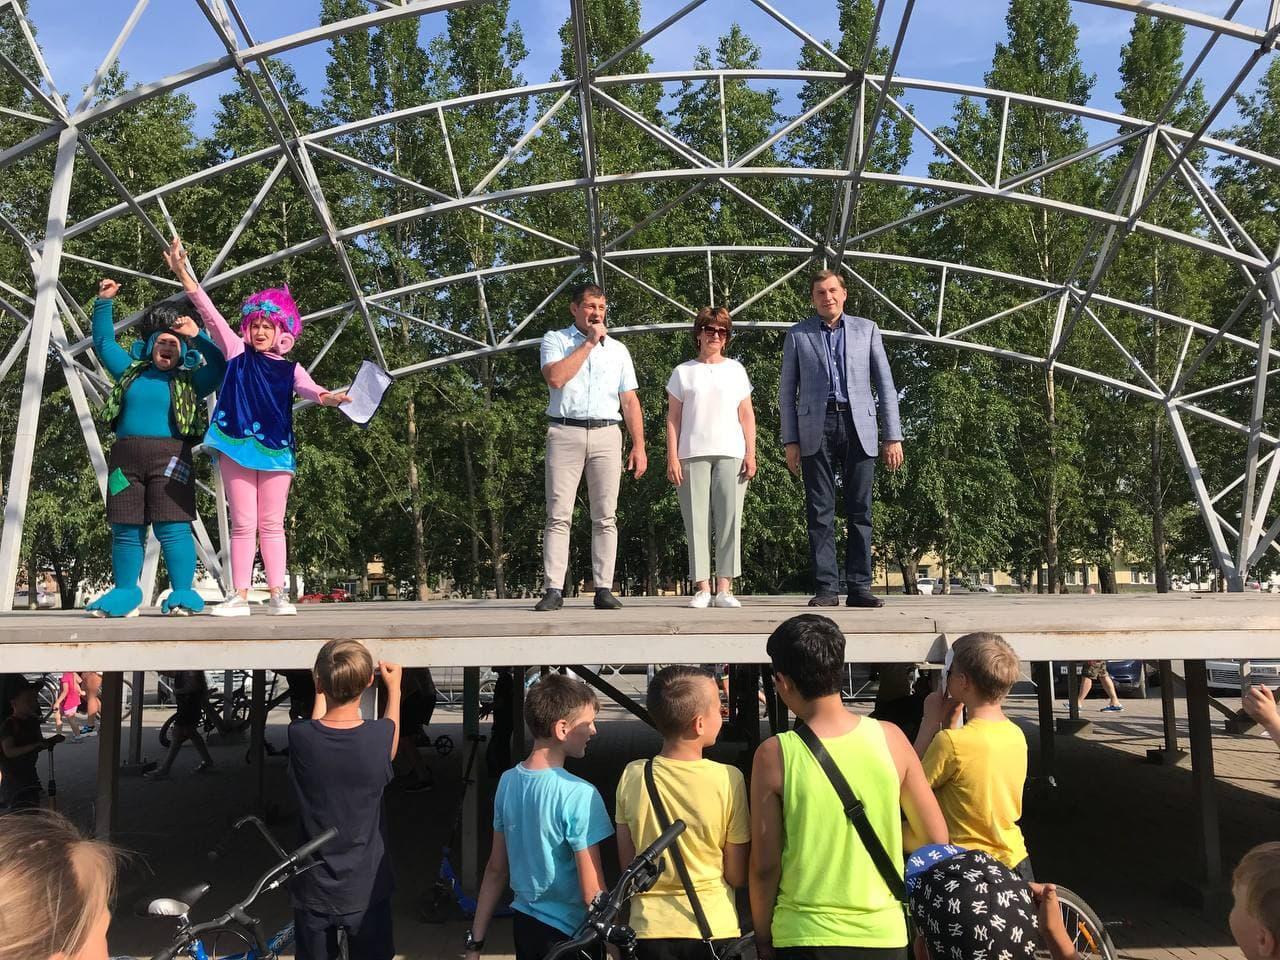 фото Сотни детей отметили начало лета на Бульваре Победы 3